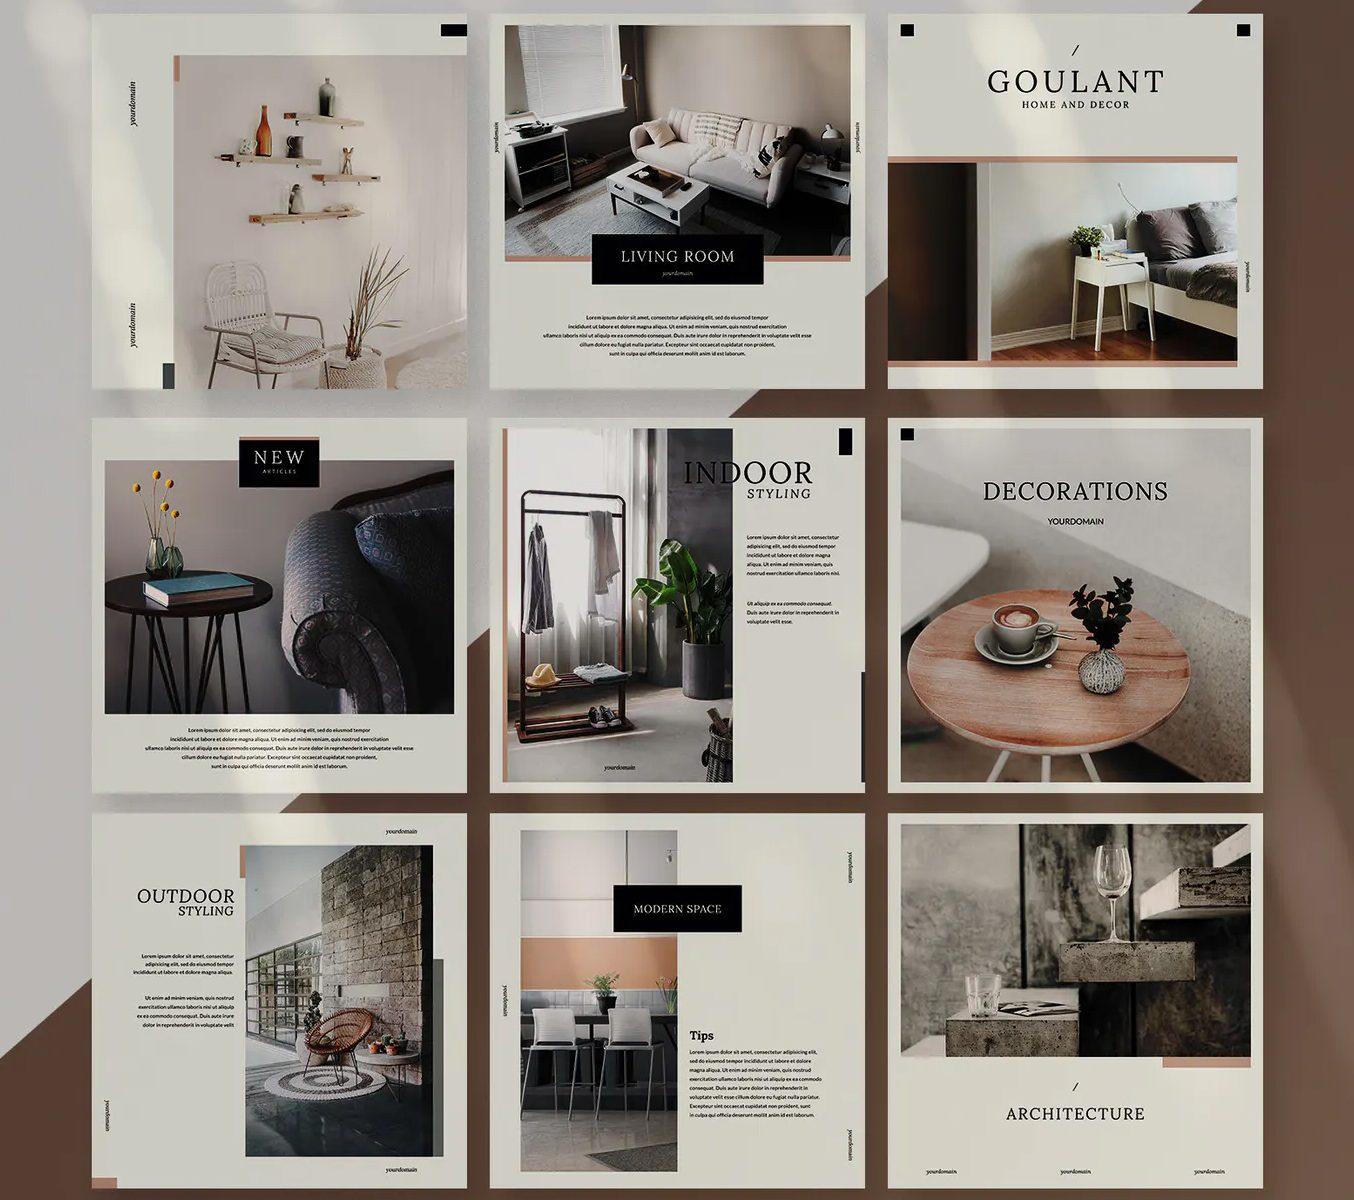 Interior social media design